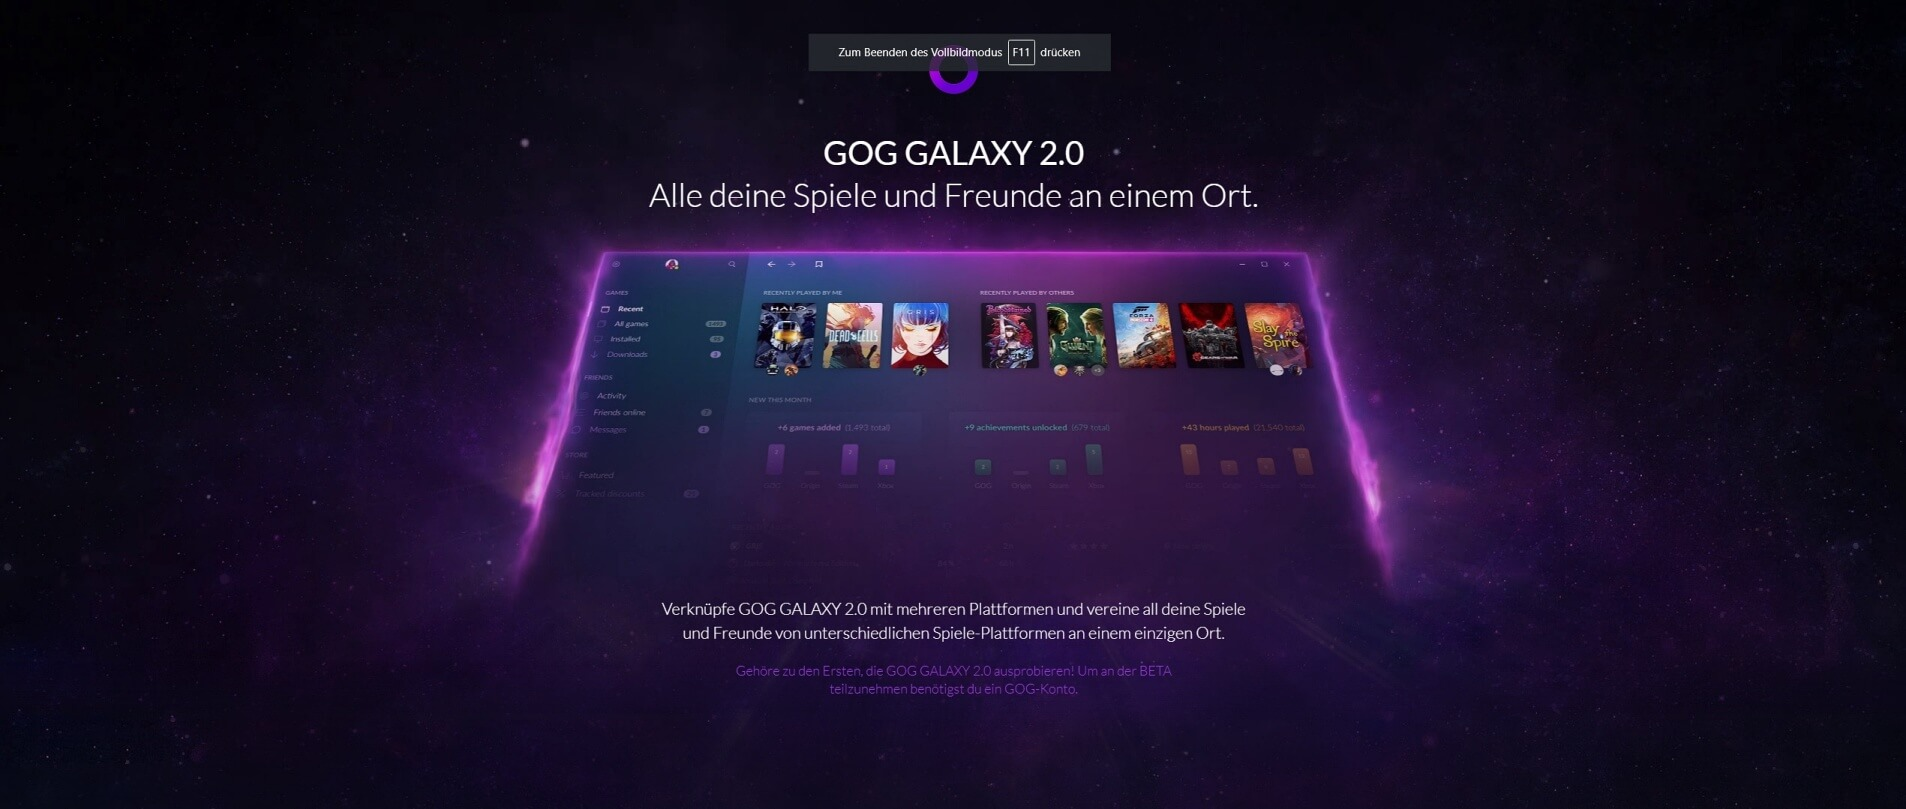 Blog-Artikel: GOG GALAXY 2.0 - Launcher vereint Spiele-Plattformen